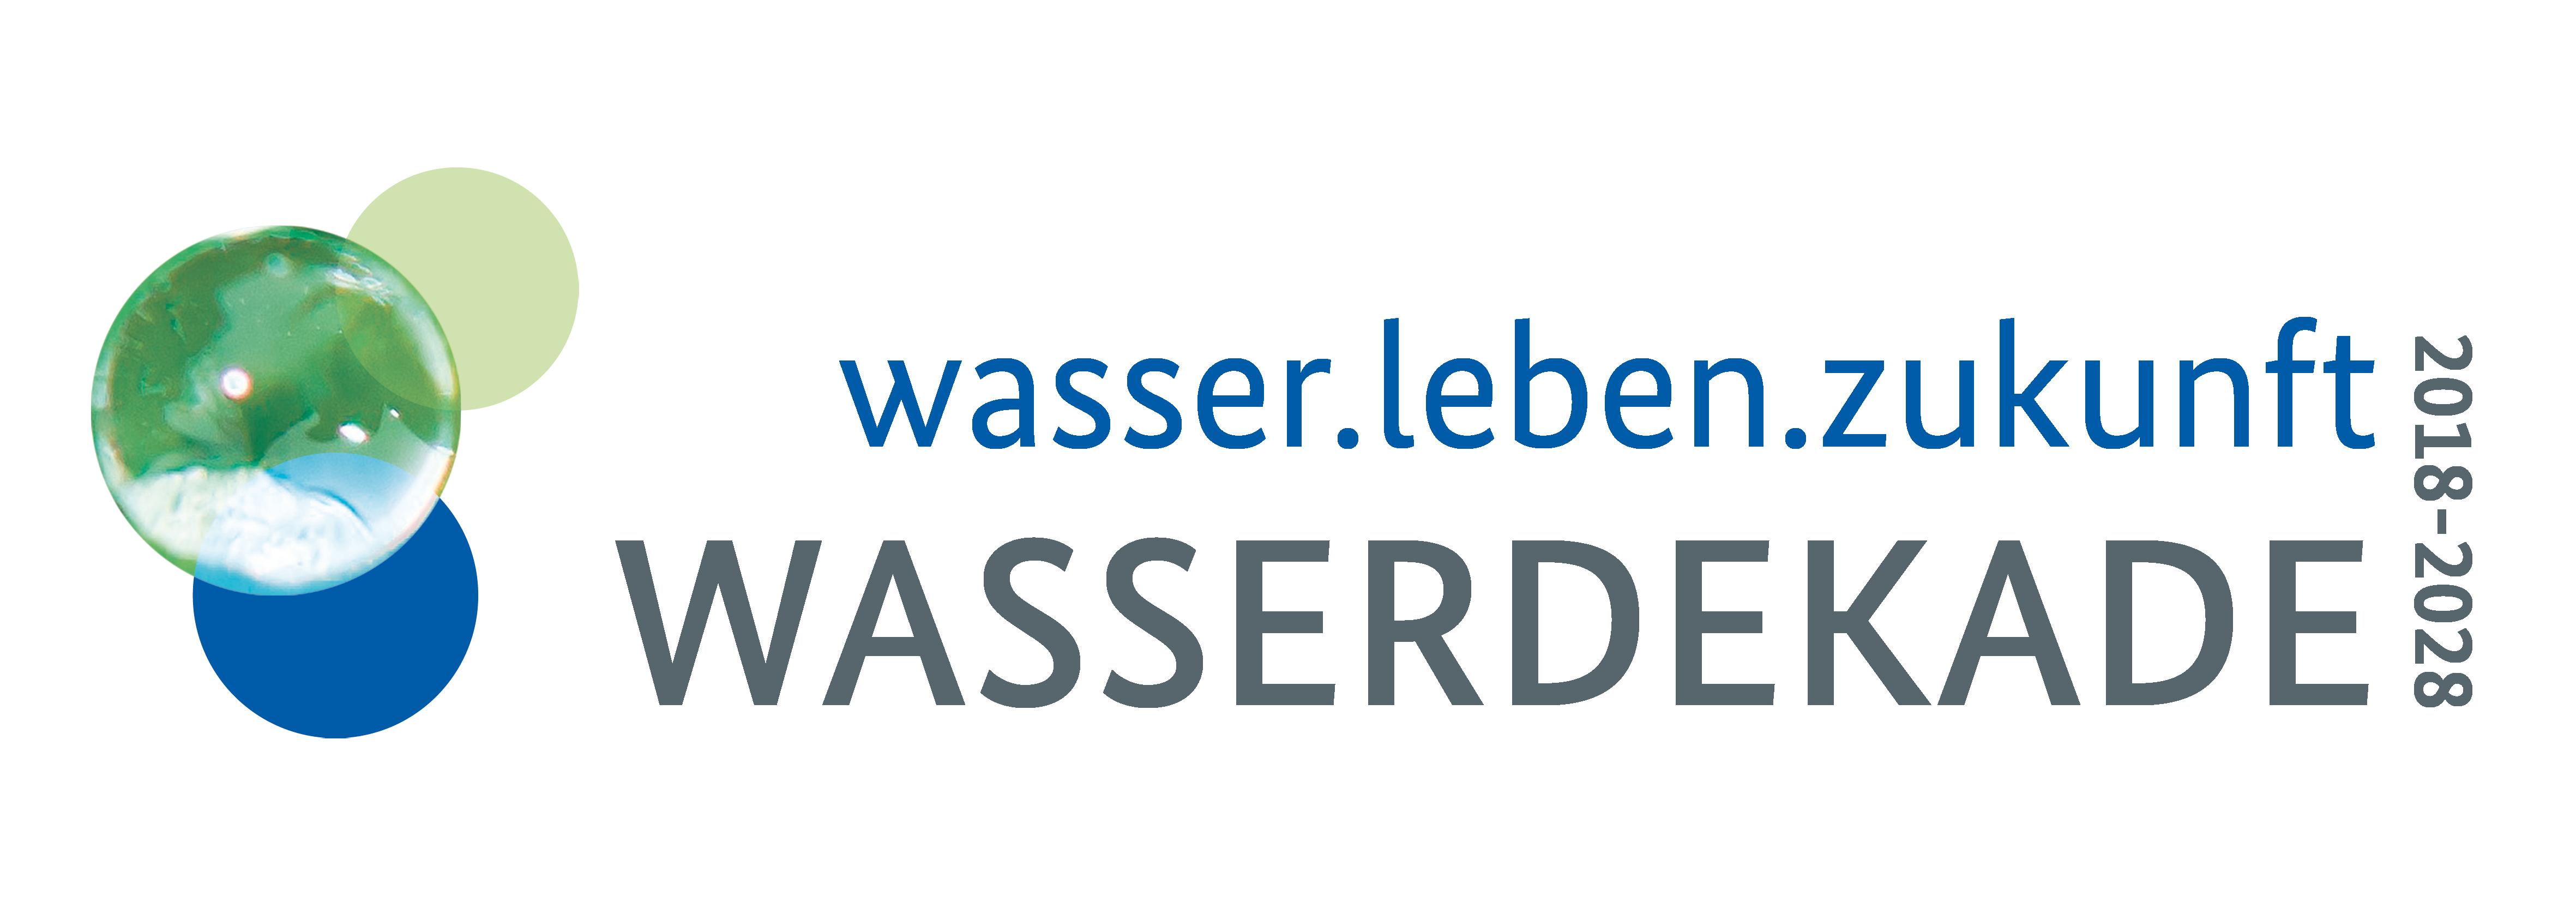 UN-Wasserdekade Logo